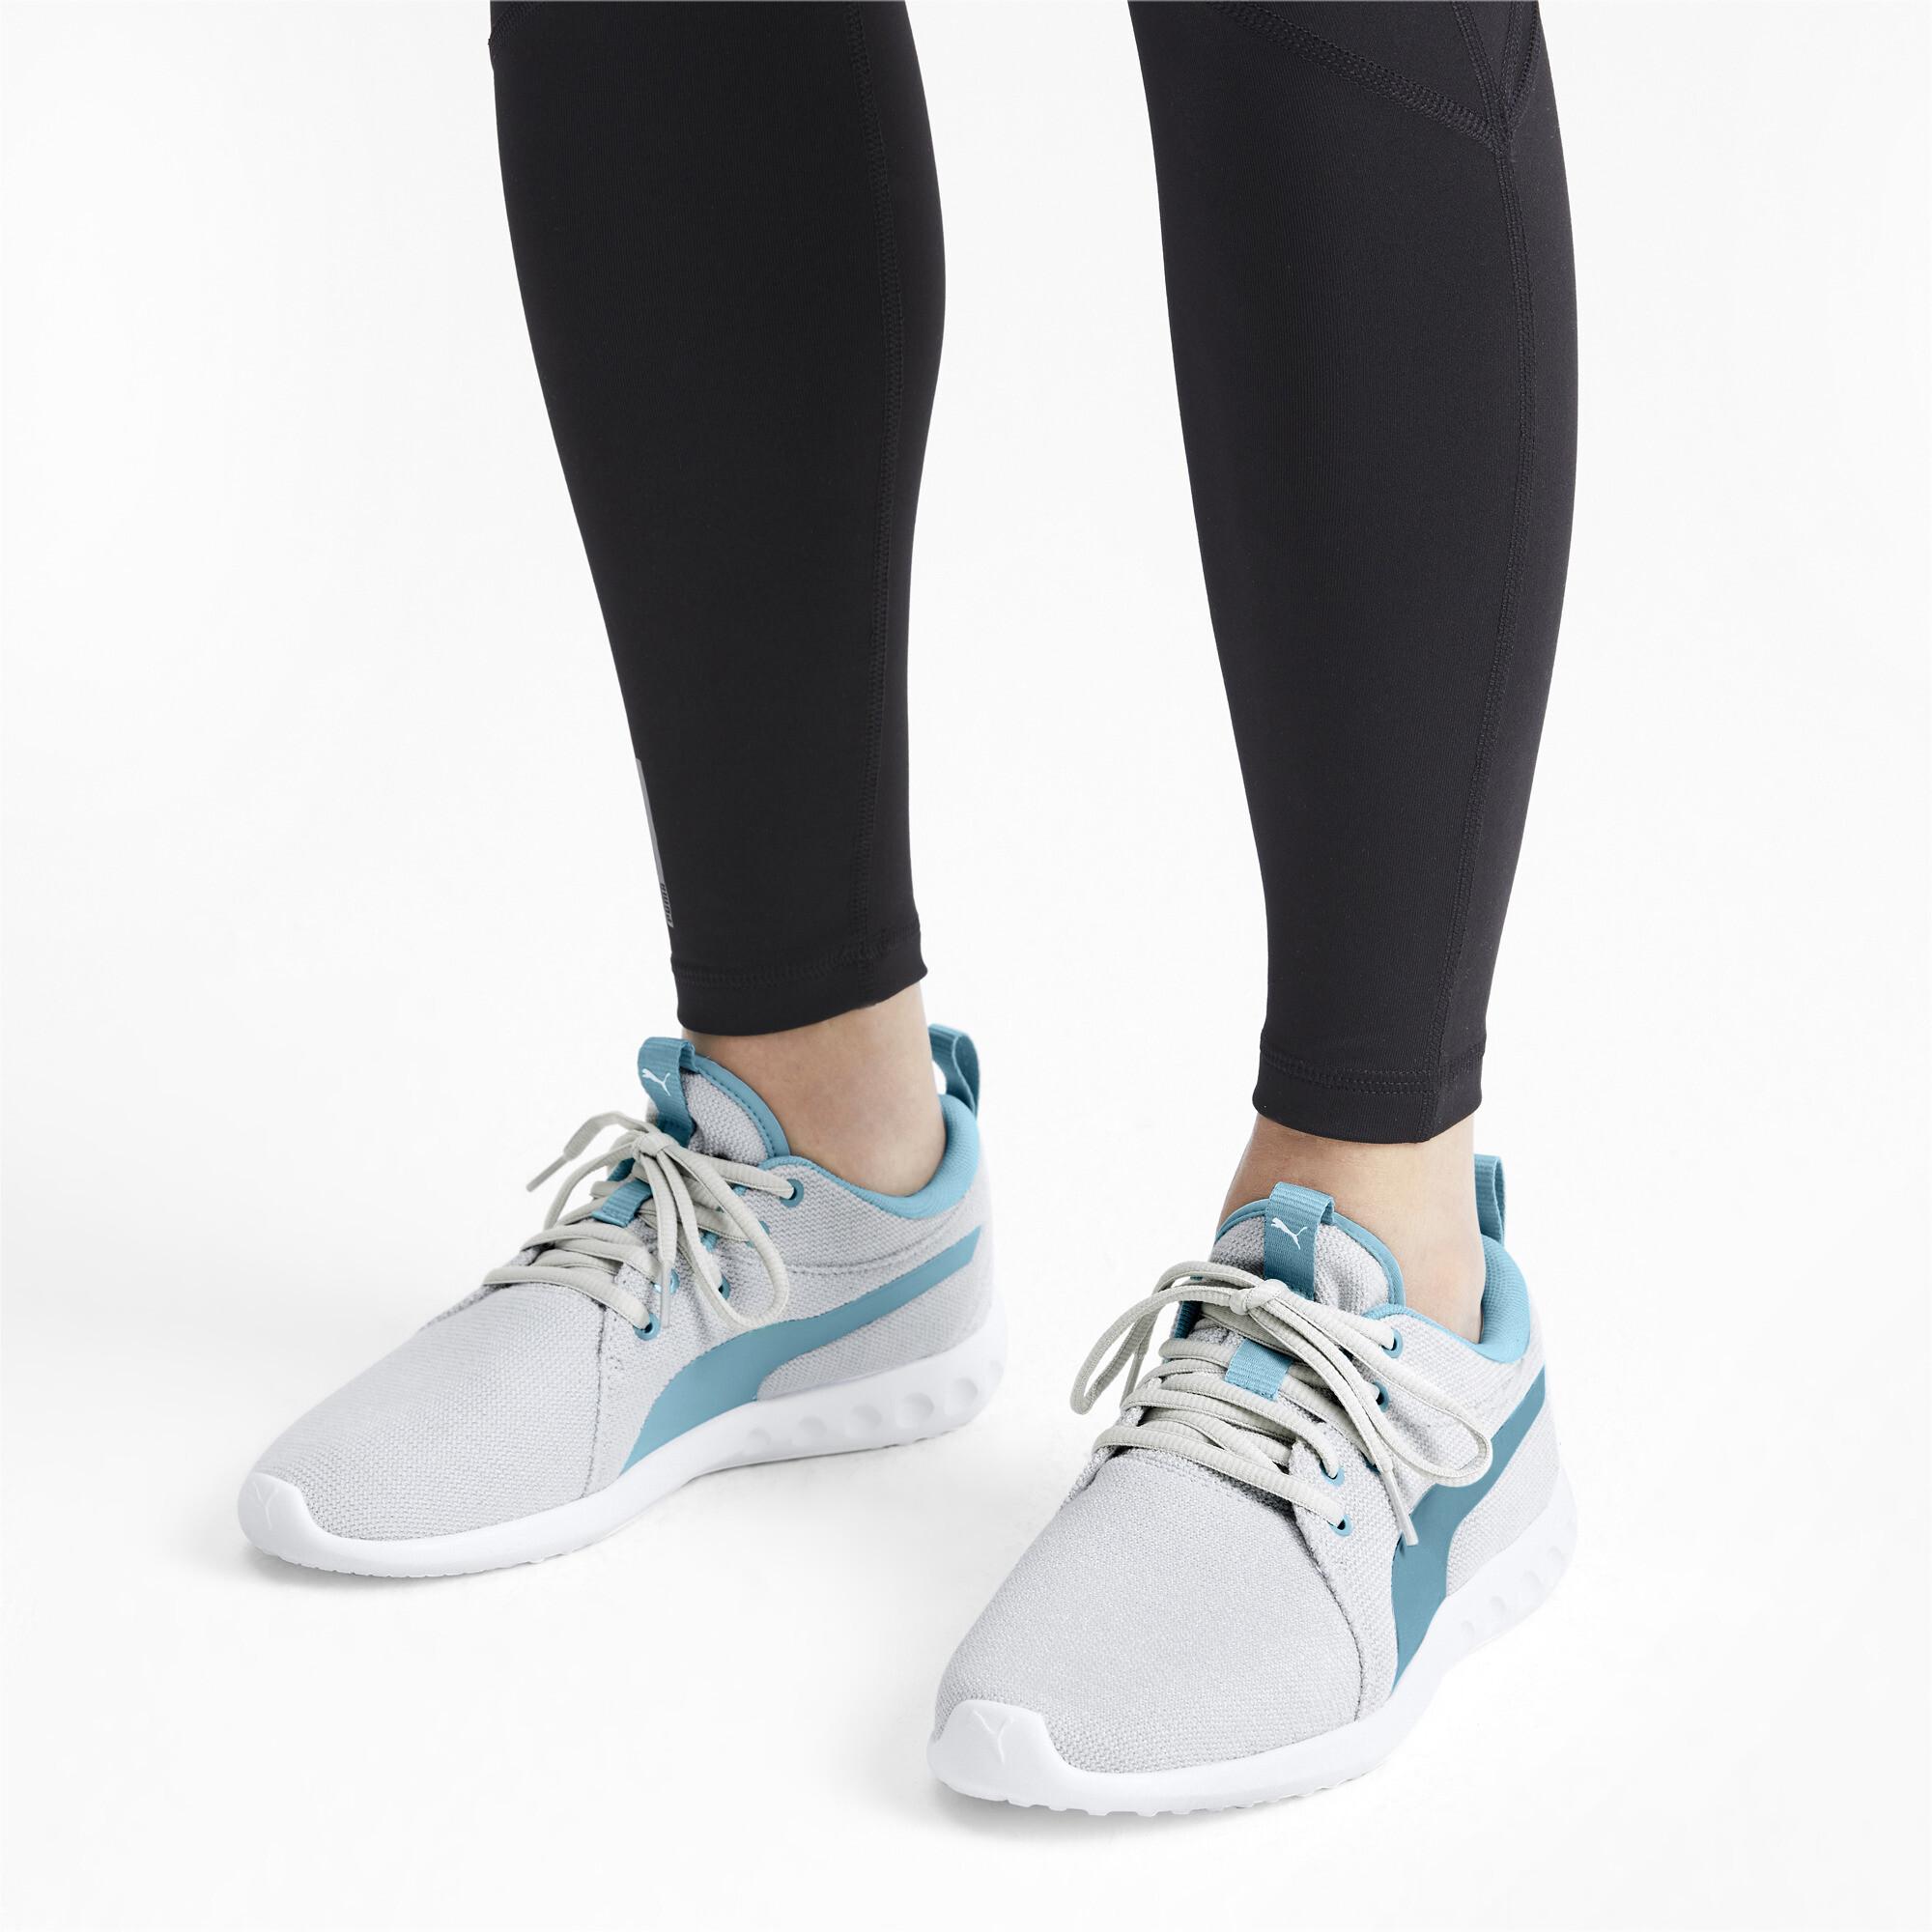 PUMA-Carson-2-Knit-Women-039-s-Running-Shoes-Women-Shoe-Running thumbnail 34